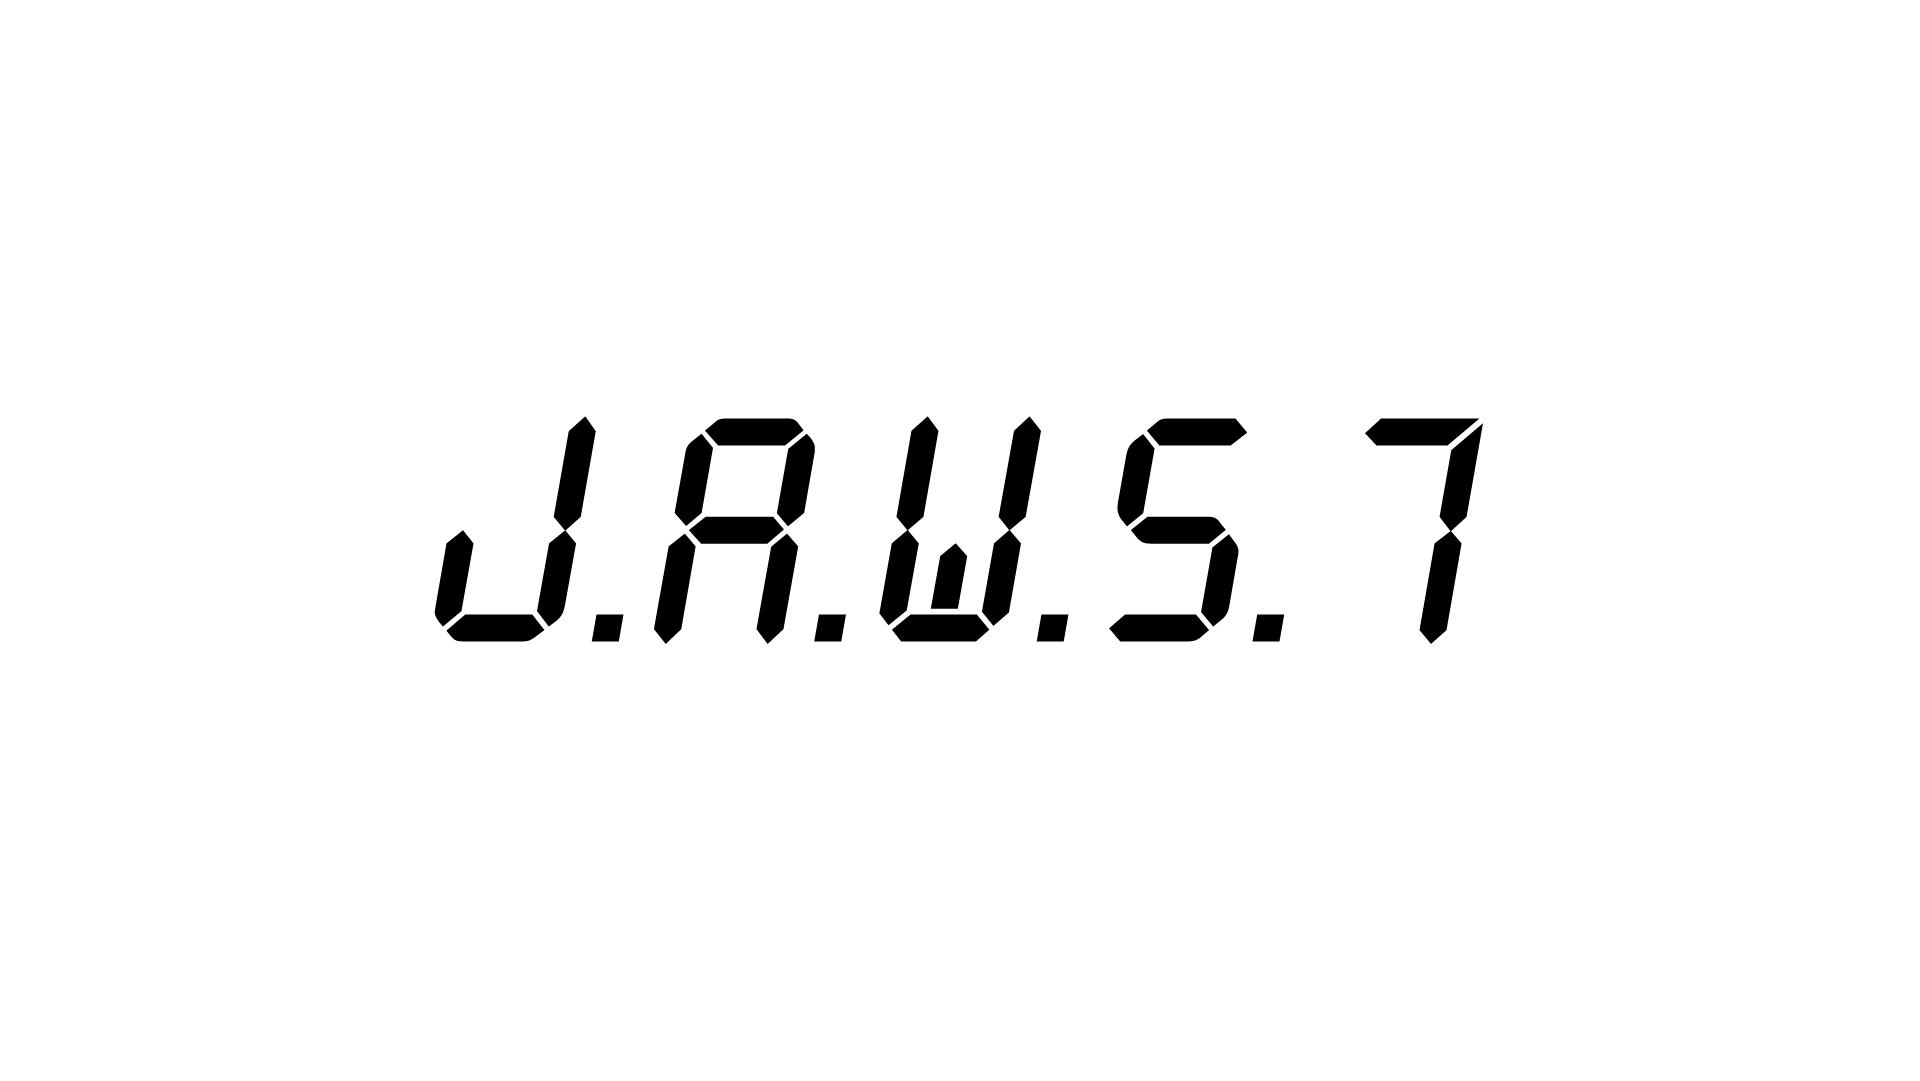 JAWS_Vectors-07